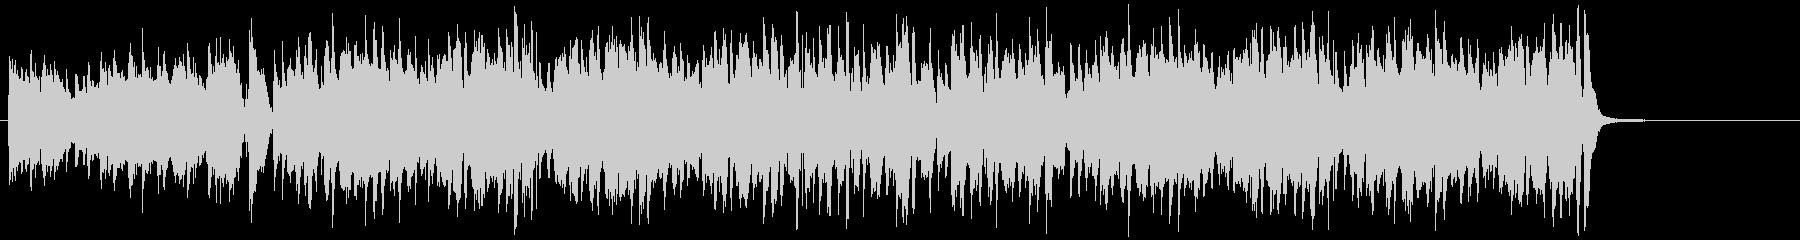 コミカルなバイオリンのジプシージャズの未再生の波形